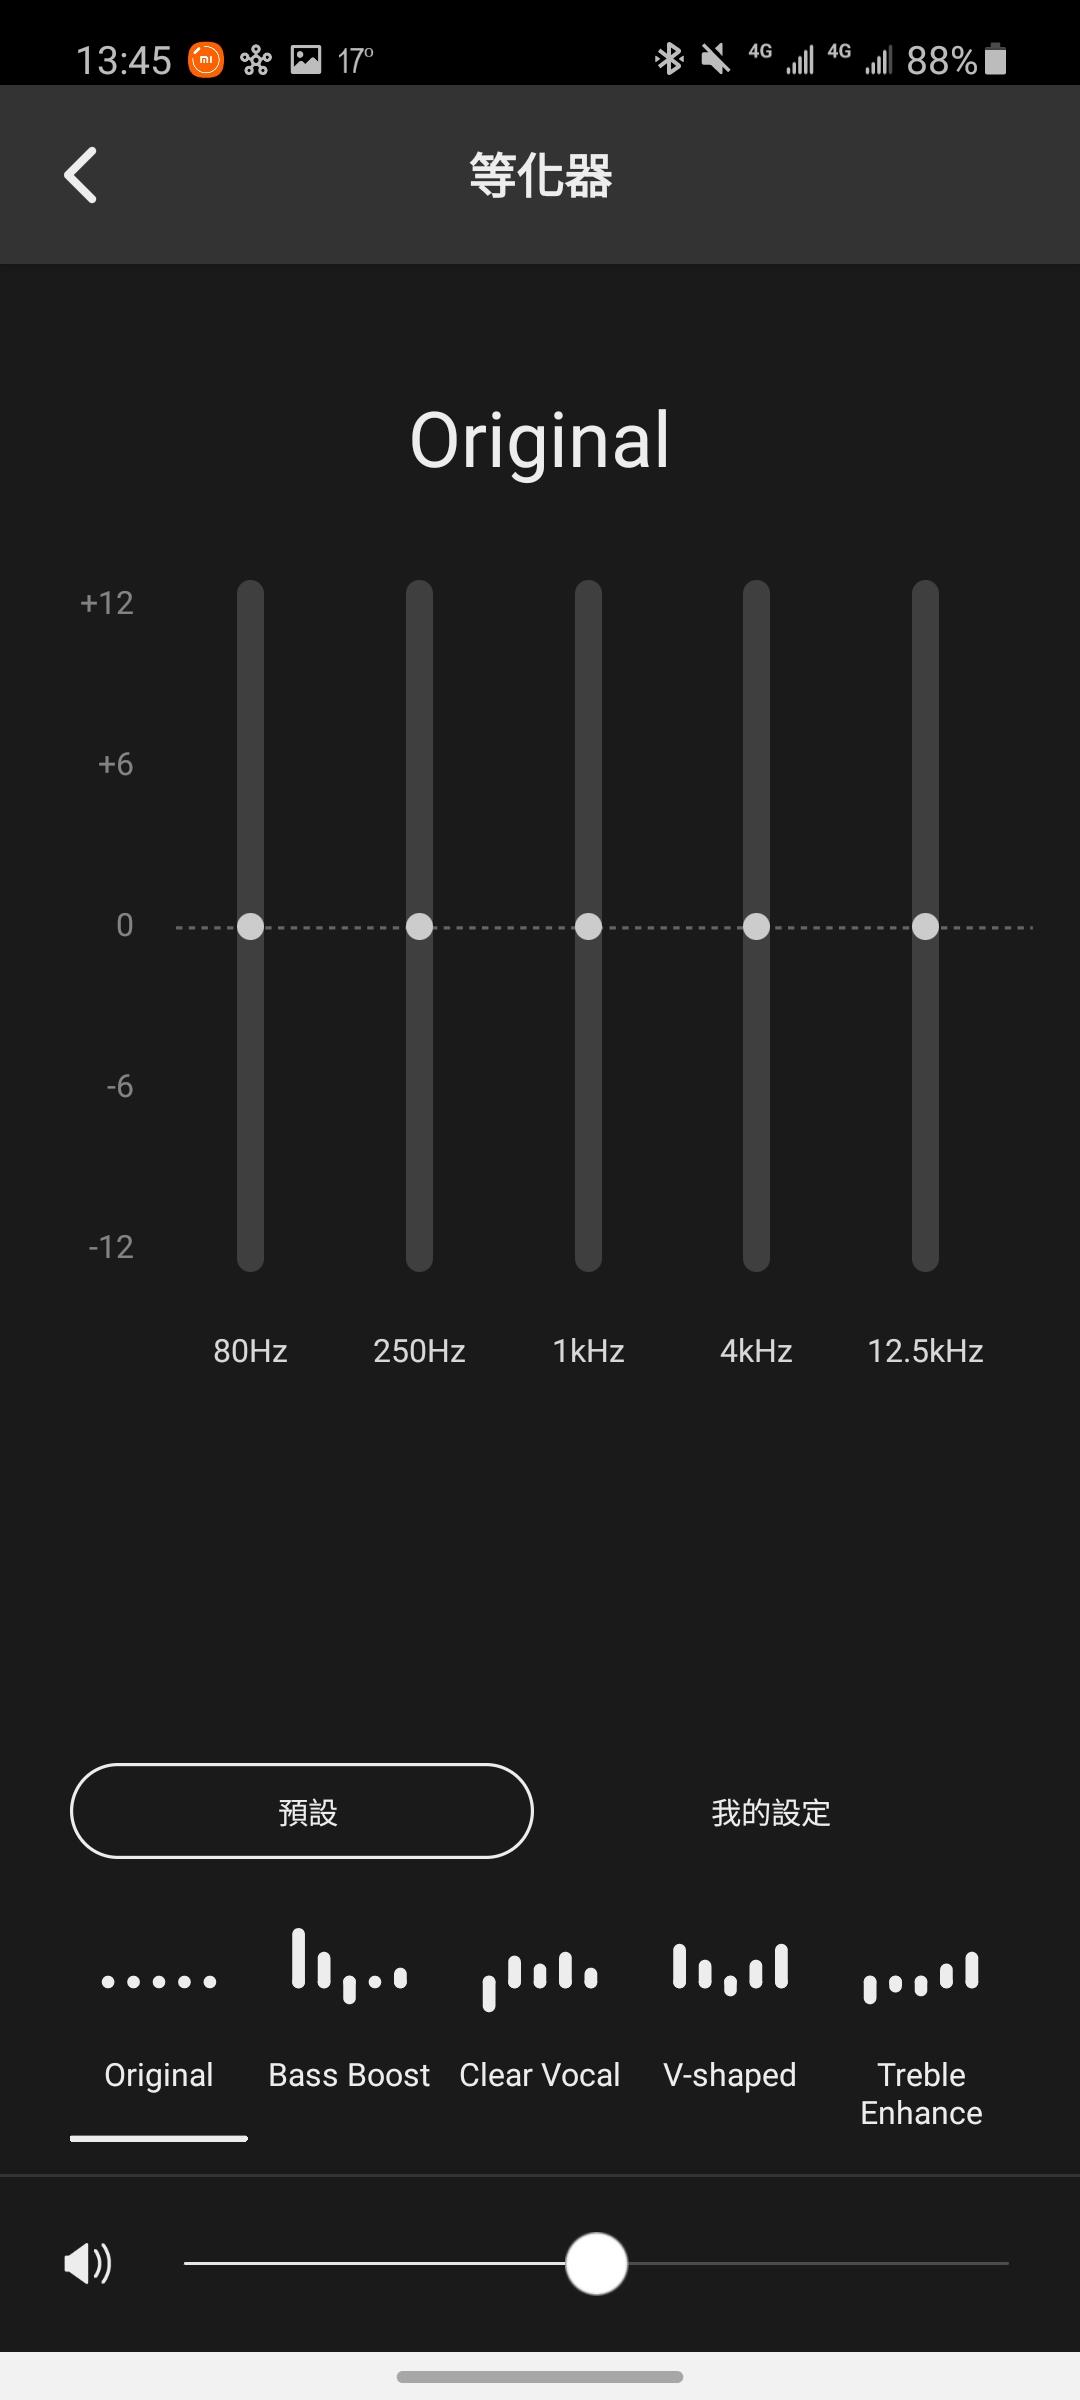 等化器設置中,共提供六種模式,包含原音、低音加強、純淨人聲、細節增強、高音增強與自定義,這幾種模式都呈現不同的聲音性格,所以用家可以試用一輪,找出較符合自己喜好的音色,再進行微調,相信便可調整出自己最愛的聲音表現。